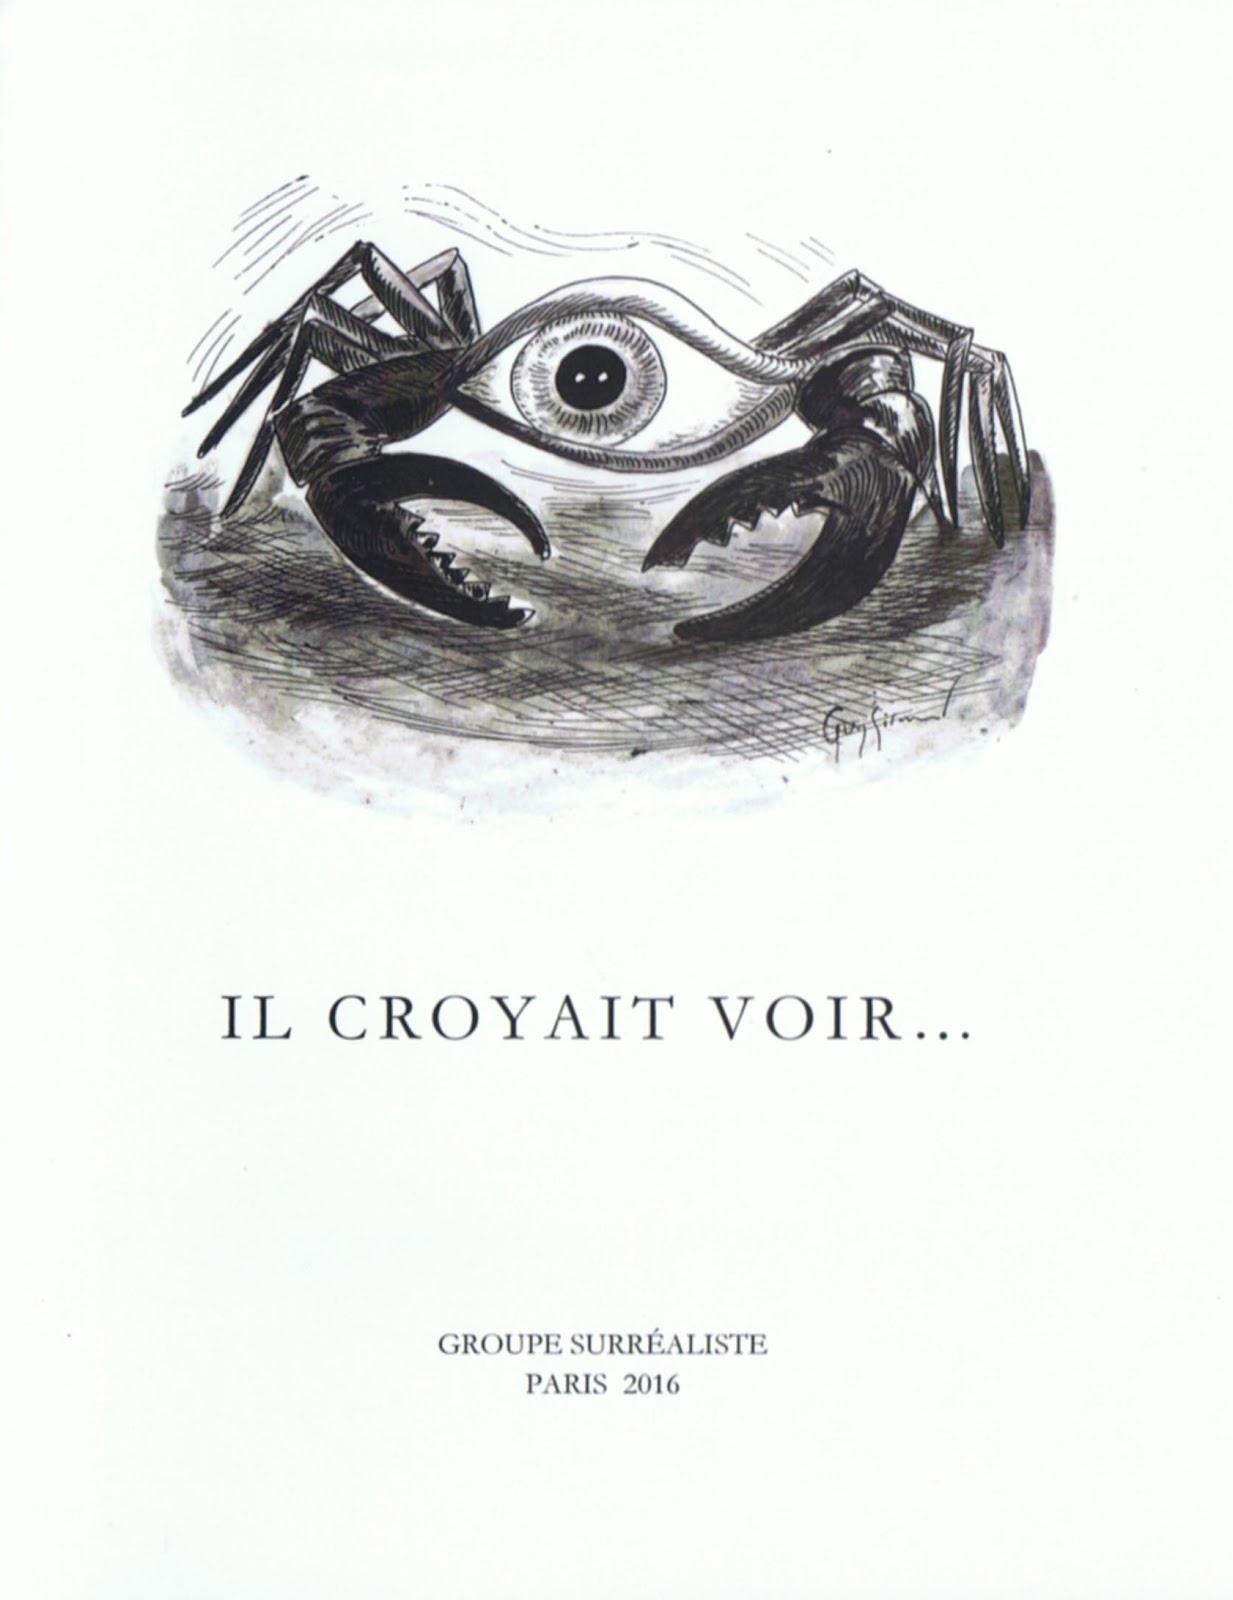 GROUPE SURRÉALISTE DE PARIS «IL CROYAIT VOIR», Jeu de syllogisme poétique, 2016